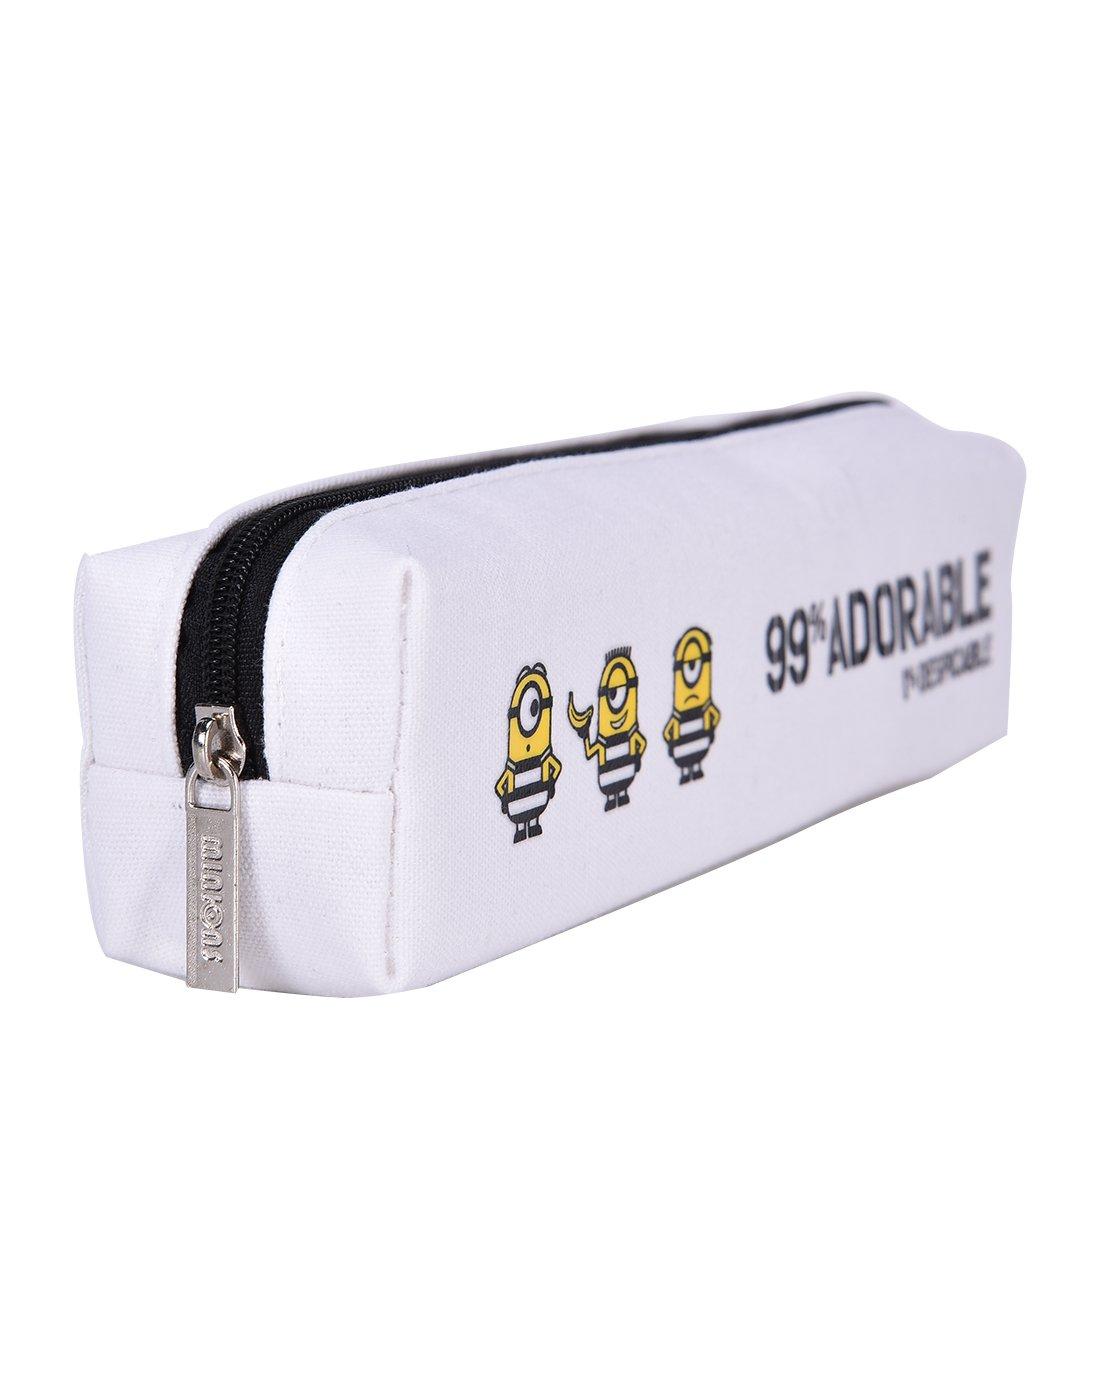 小黄人黑白黄系笔袋